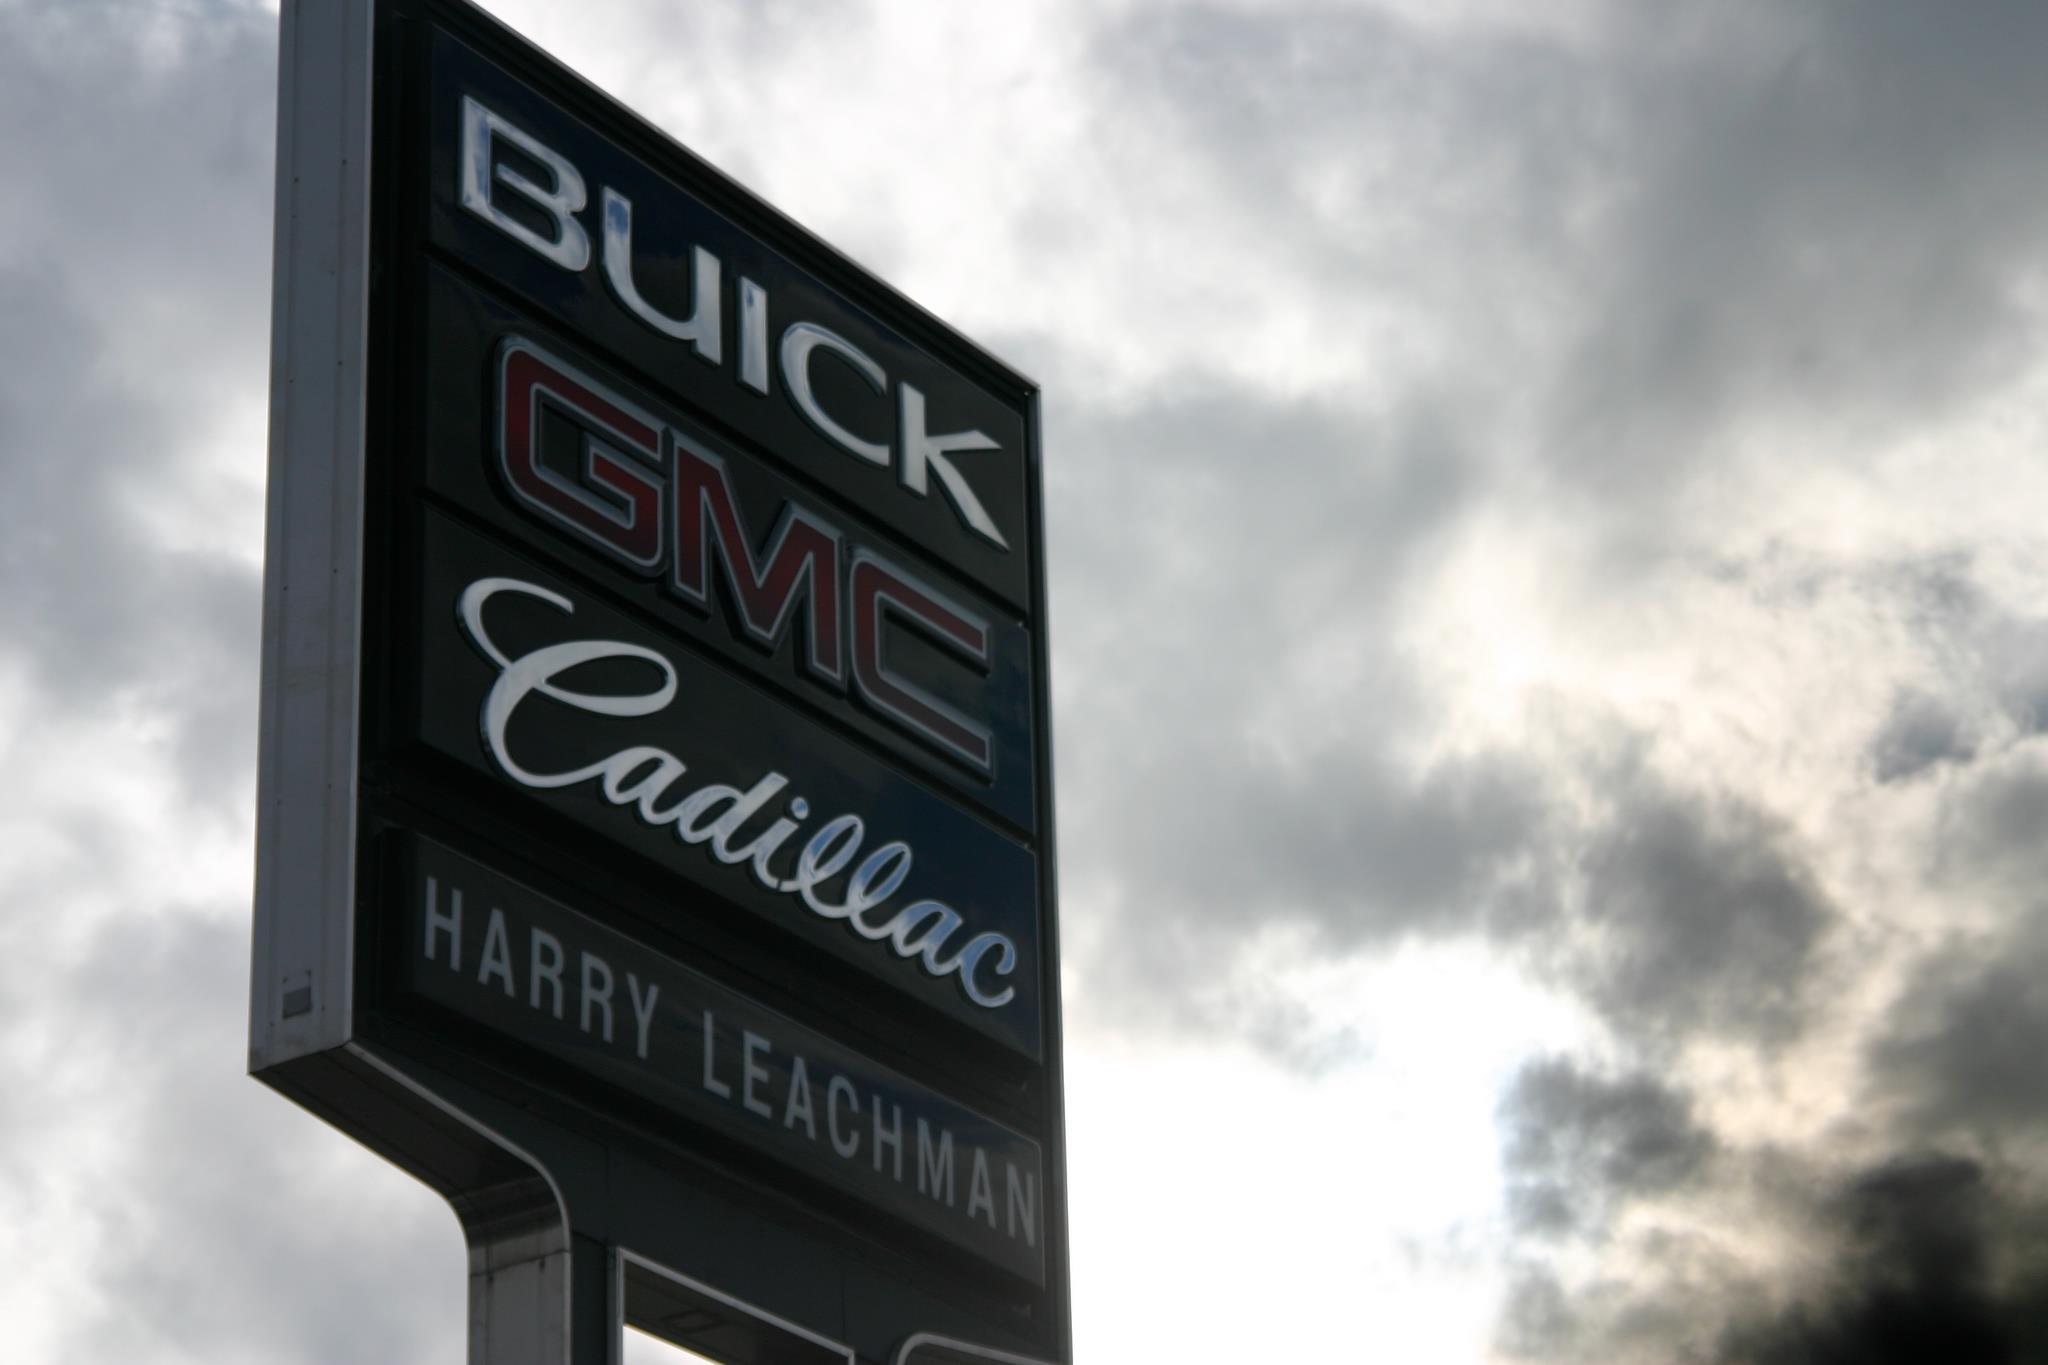 Leachman Buick GMC Cadillac image 0